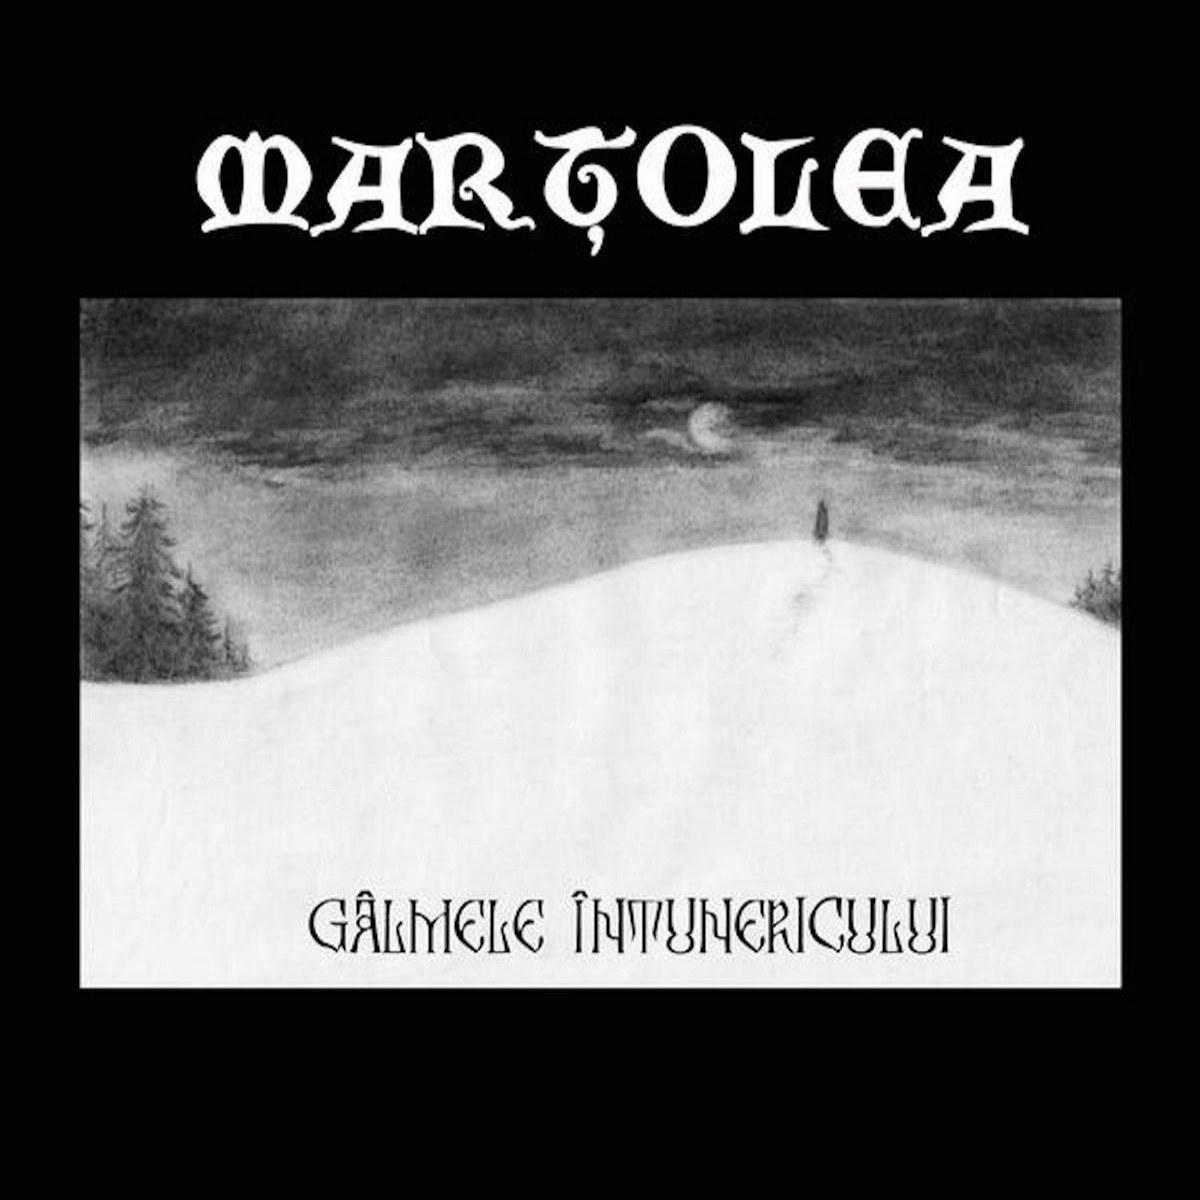 Review for Marțolea - Gâlmele Întunericului